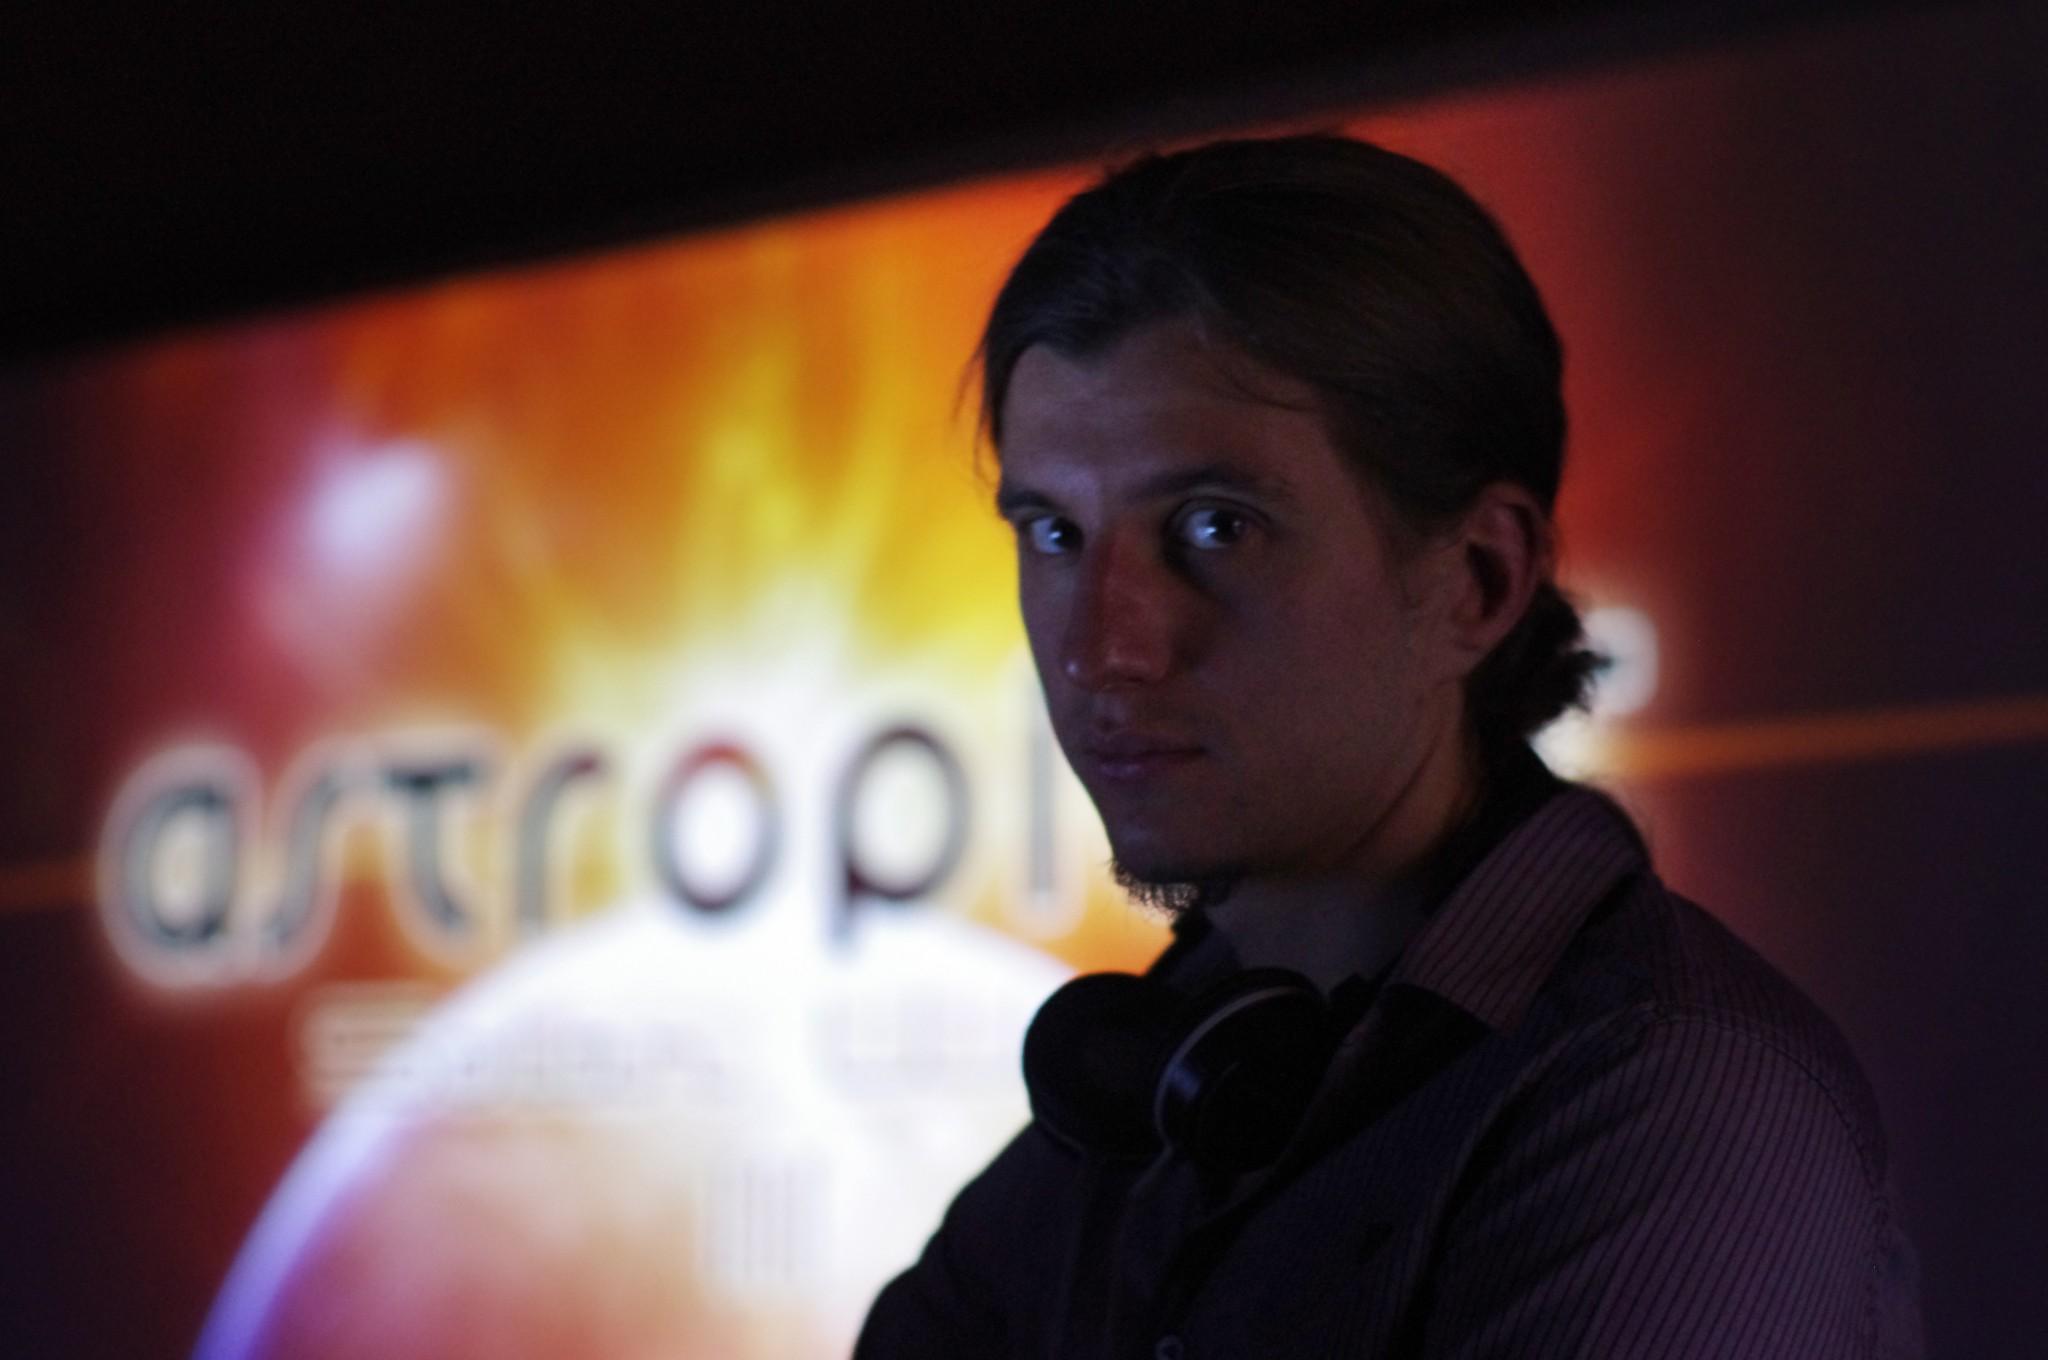 Музыкант Дмитрий Редько (AstroPilot)